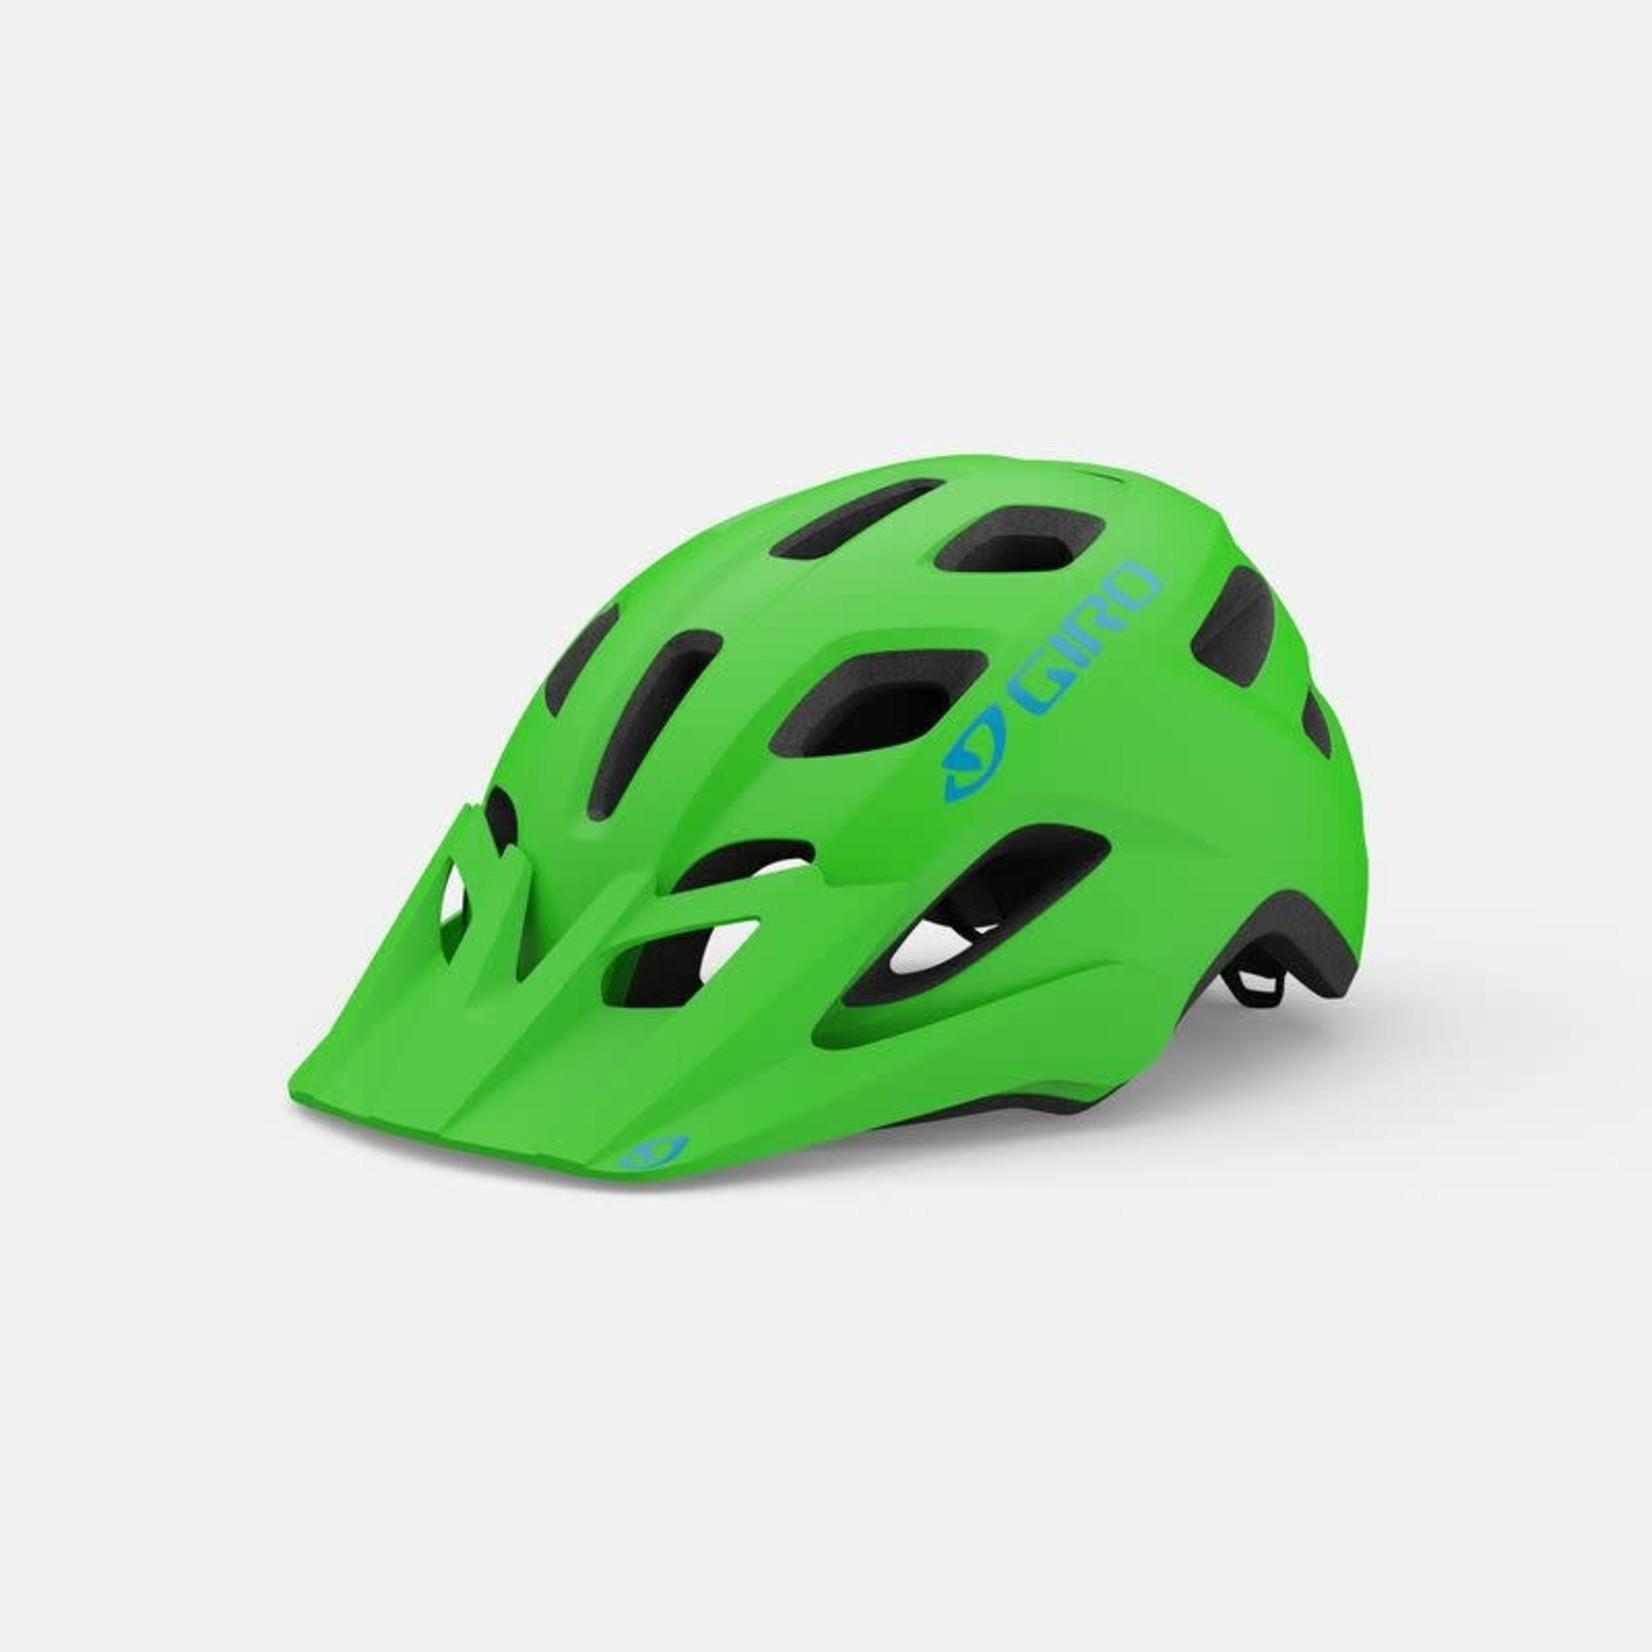 Giro Helmet - Giro Tremor MIPS - Youth/Women's Universal (50-57cm)